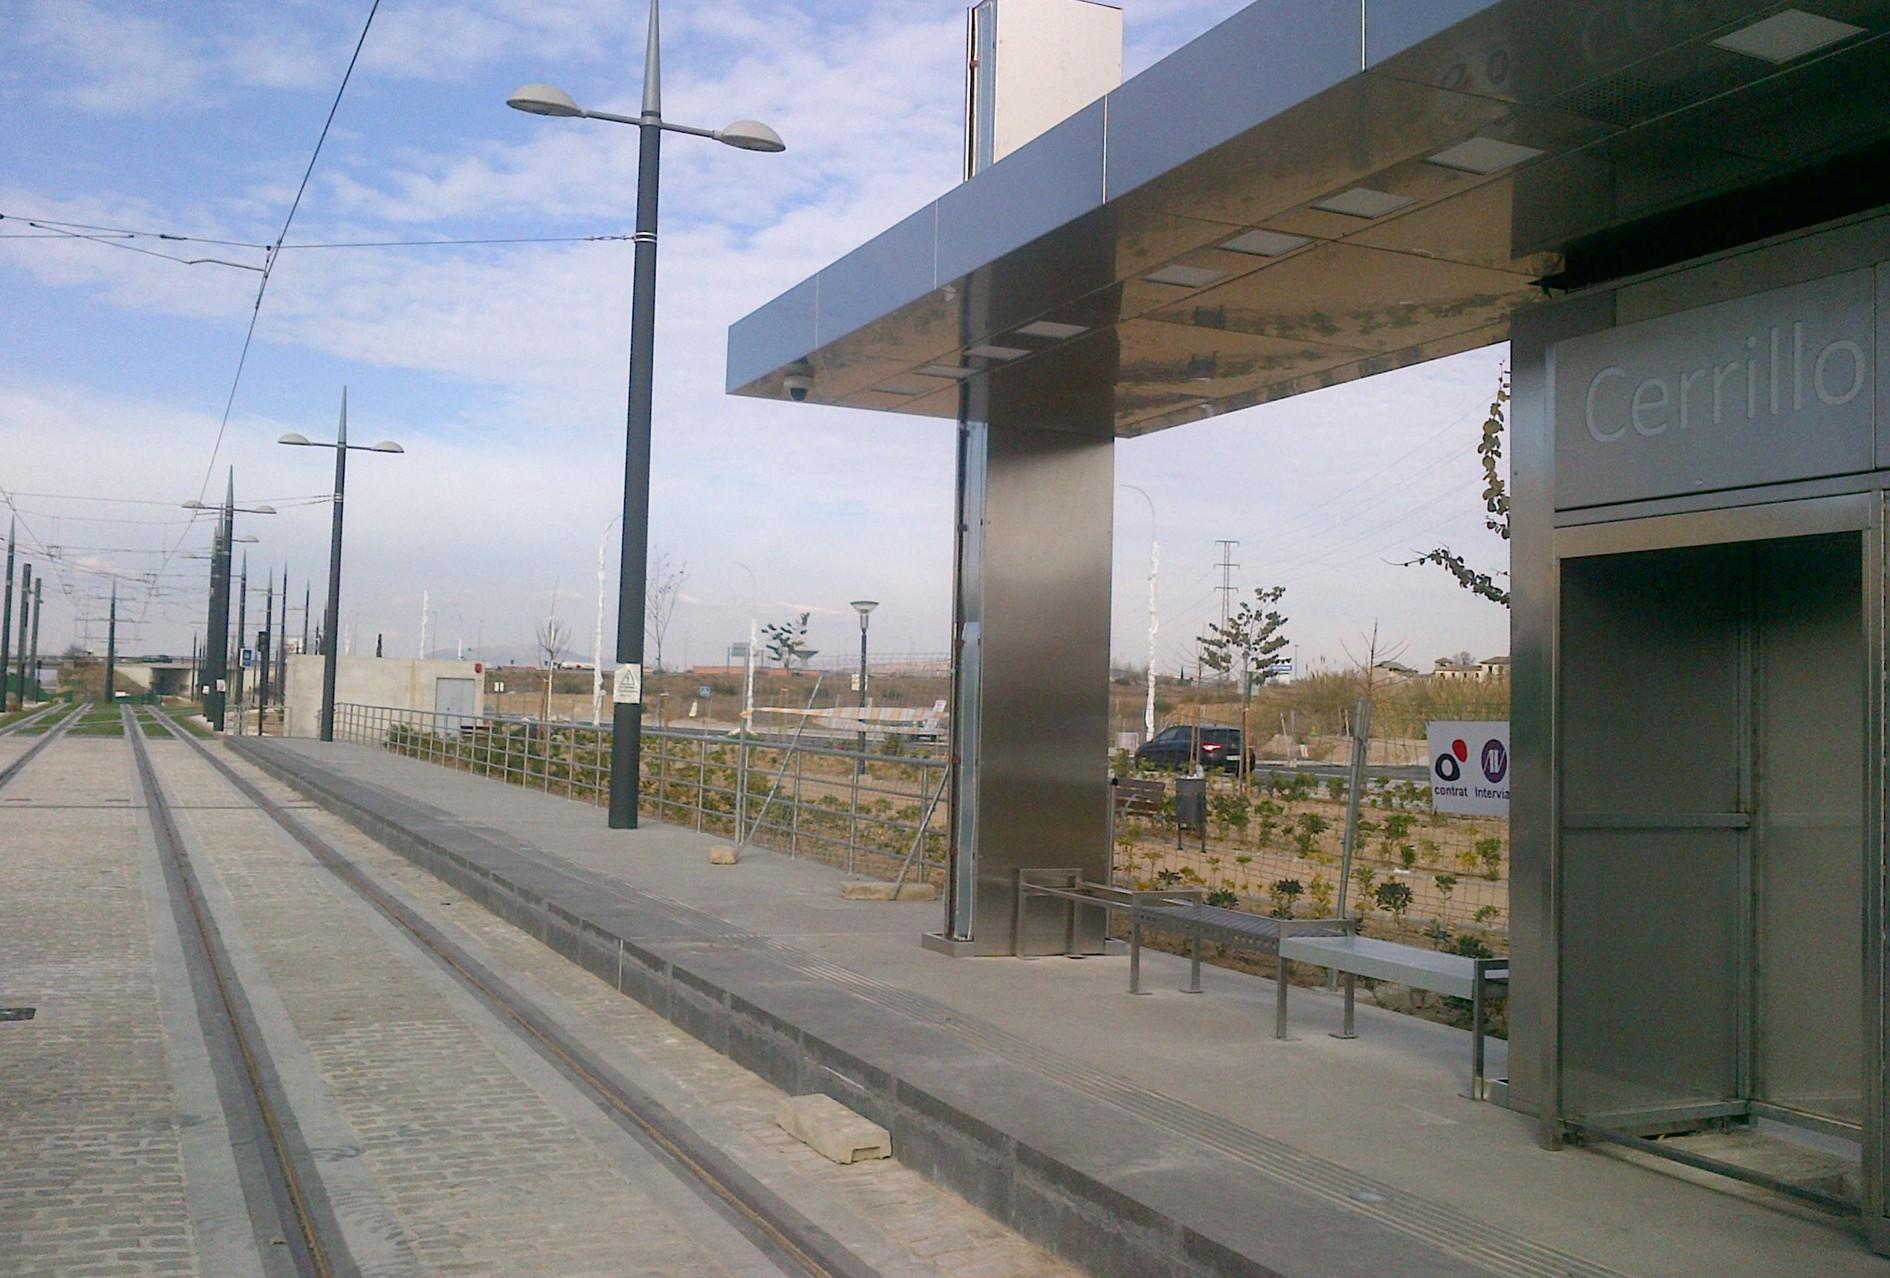 Marquesina instalada en Cerrillo Maracena.